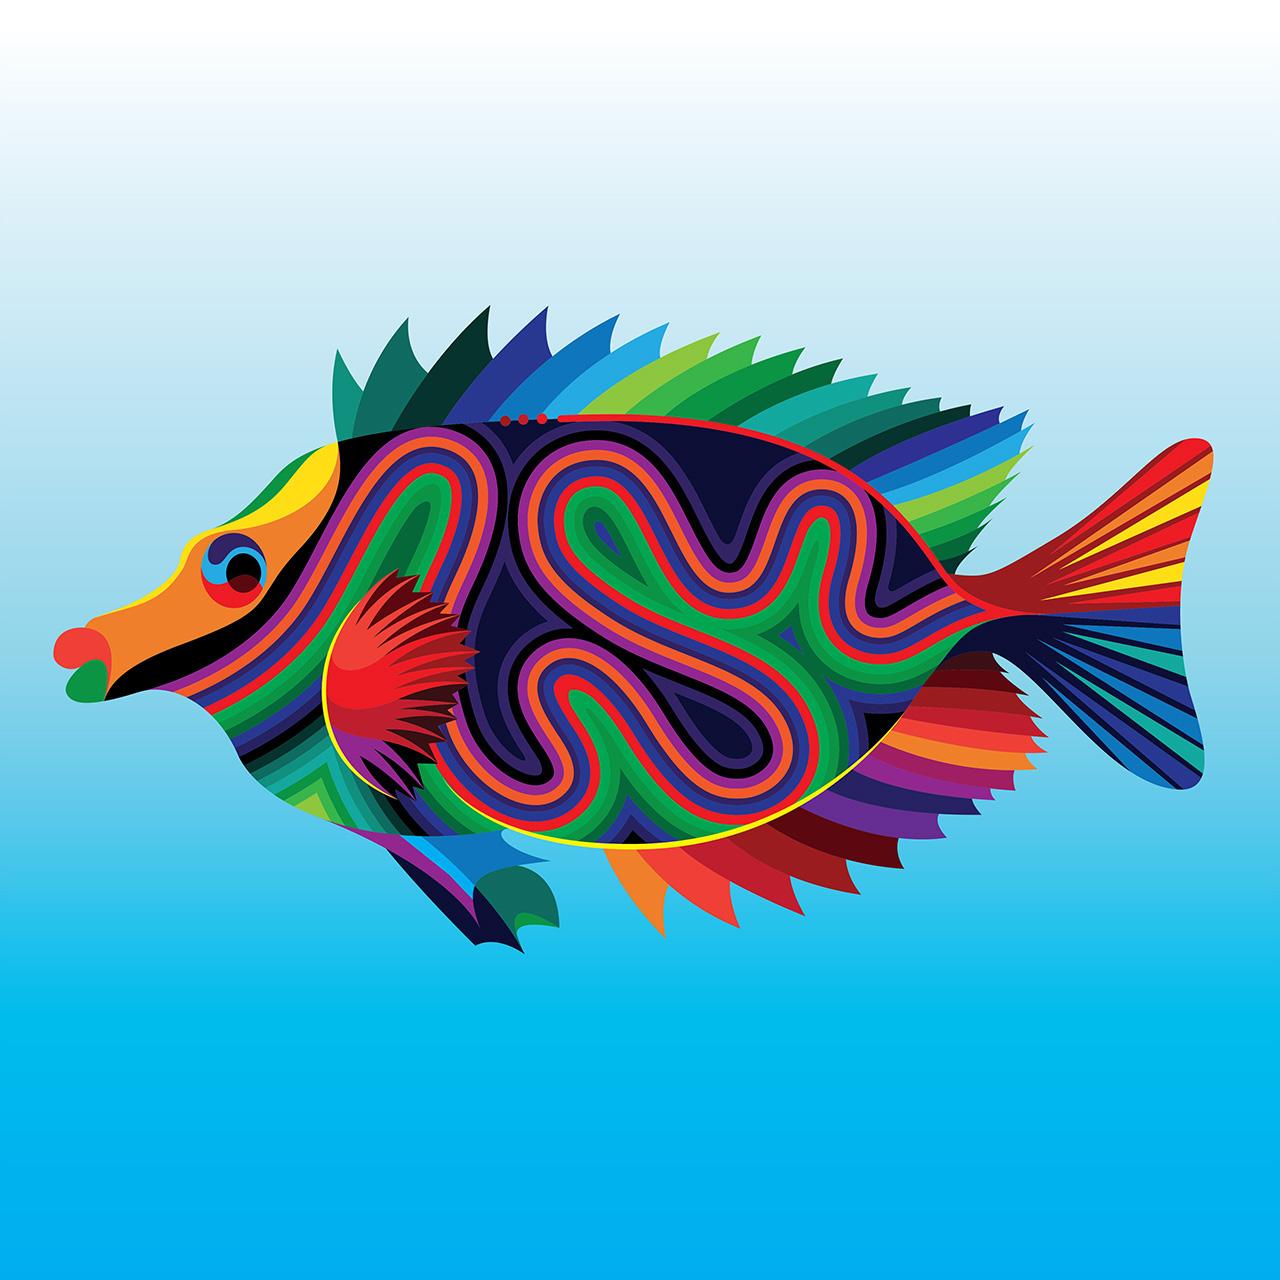 Endangered Tropical Fish / Находящиеся под угрозой исчезновения тропические рыбы